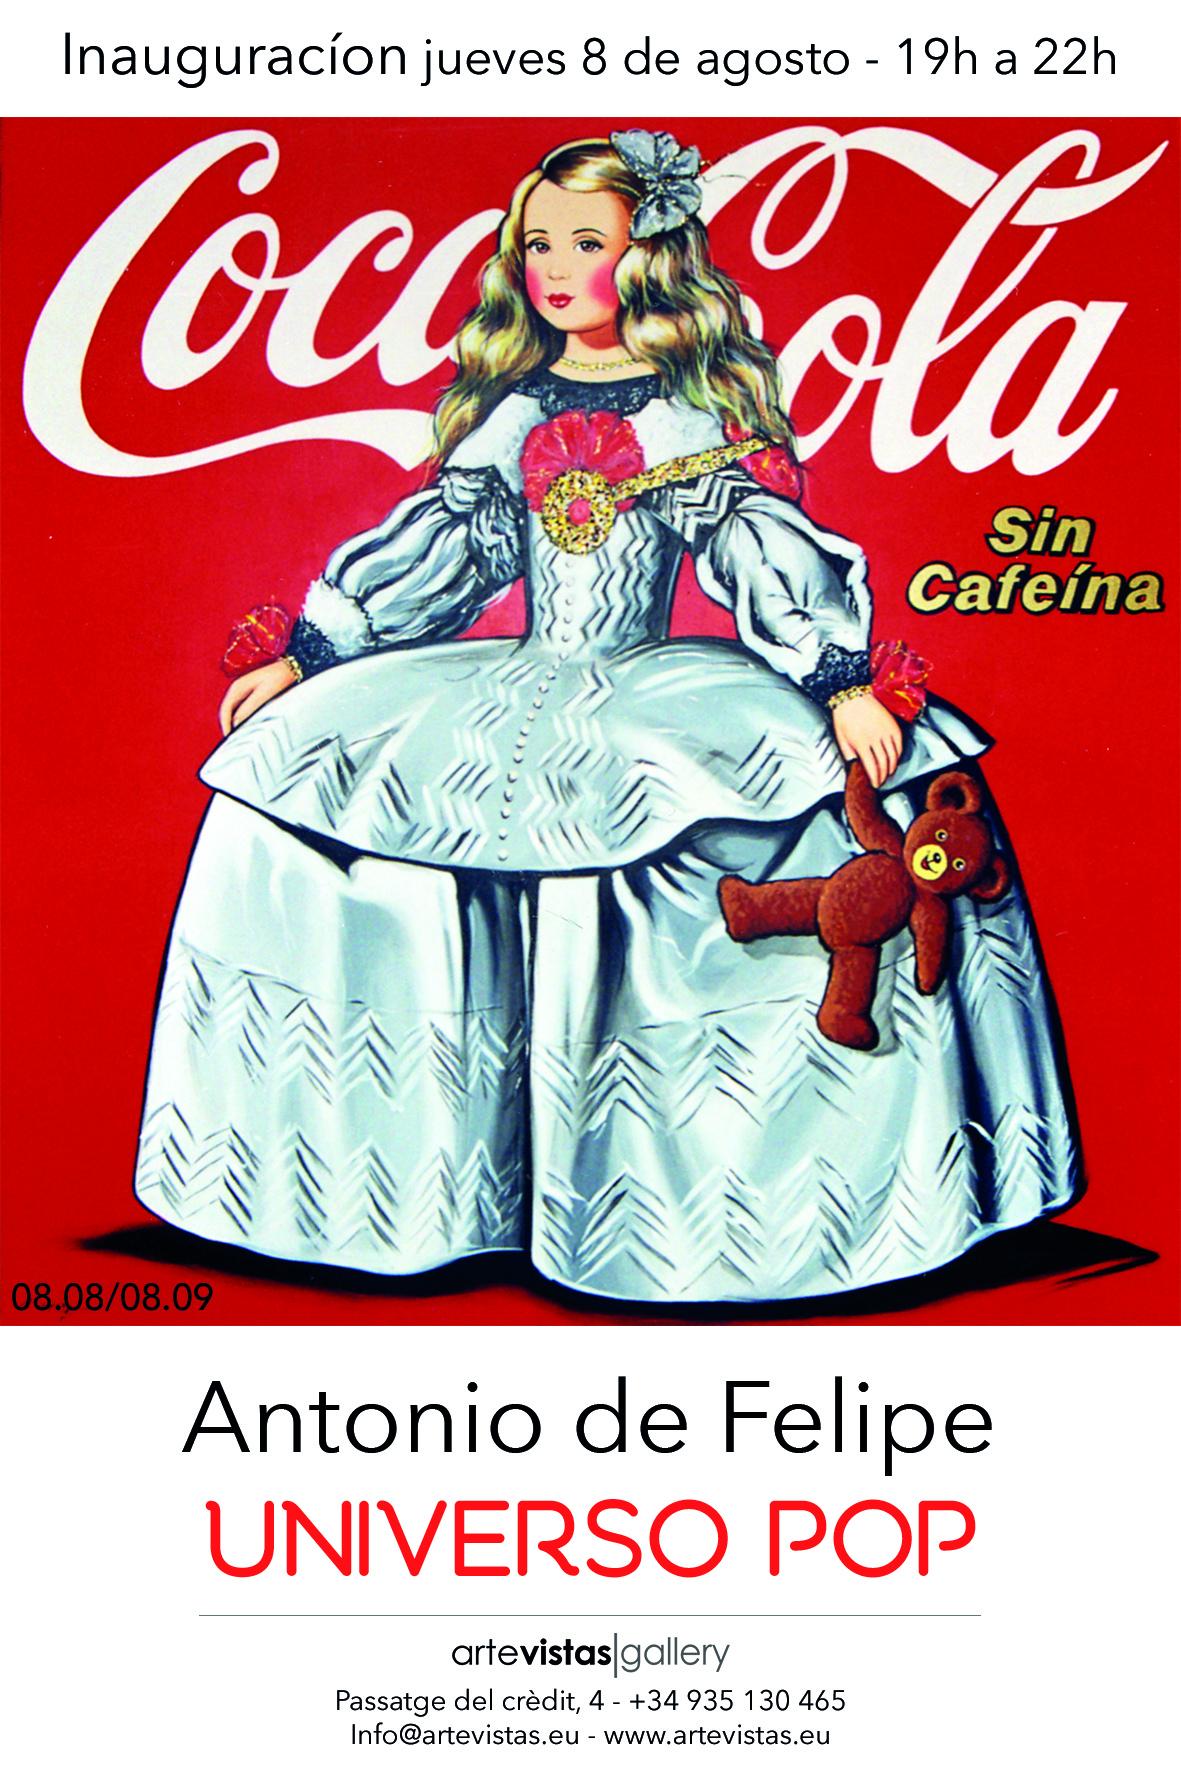 Antonio de Felipe - Universo Pop